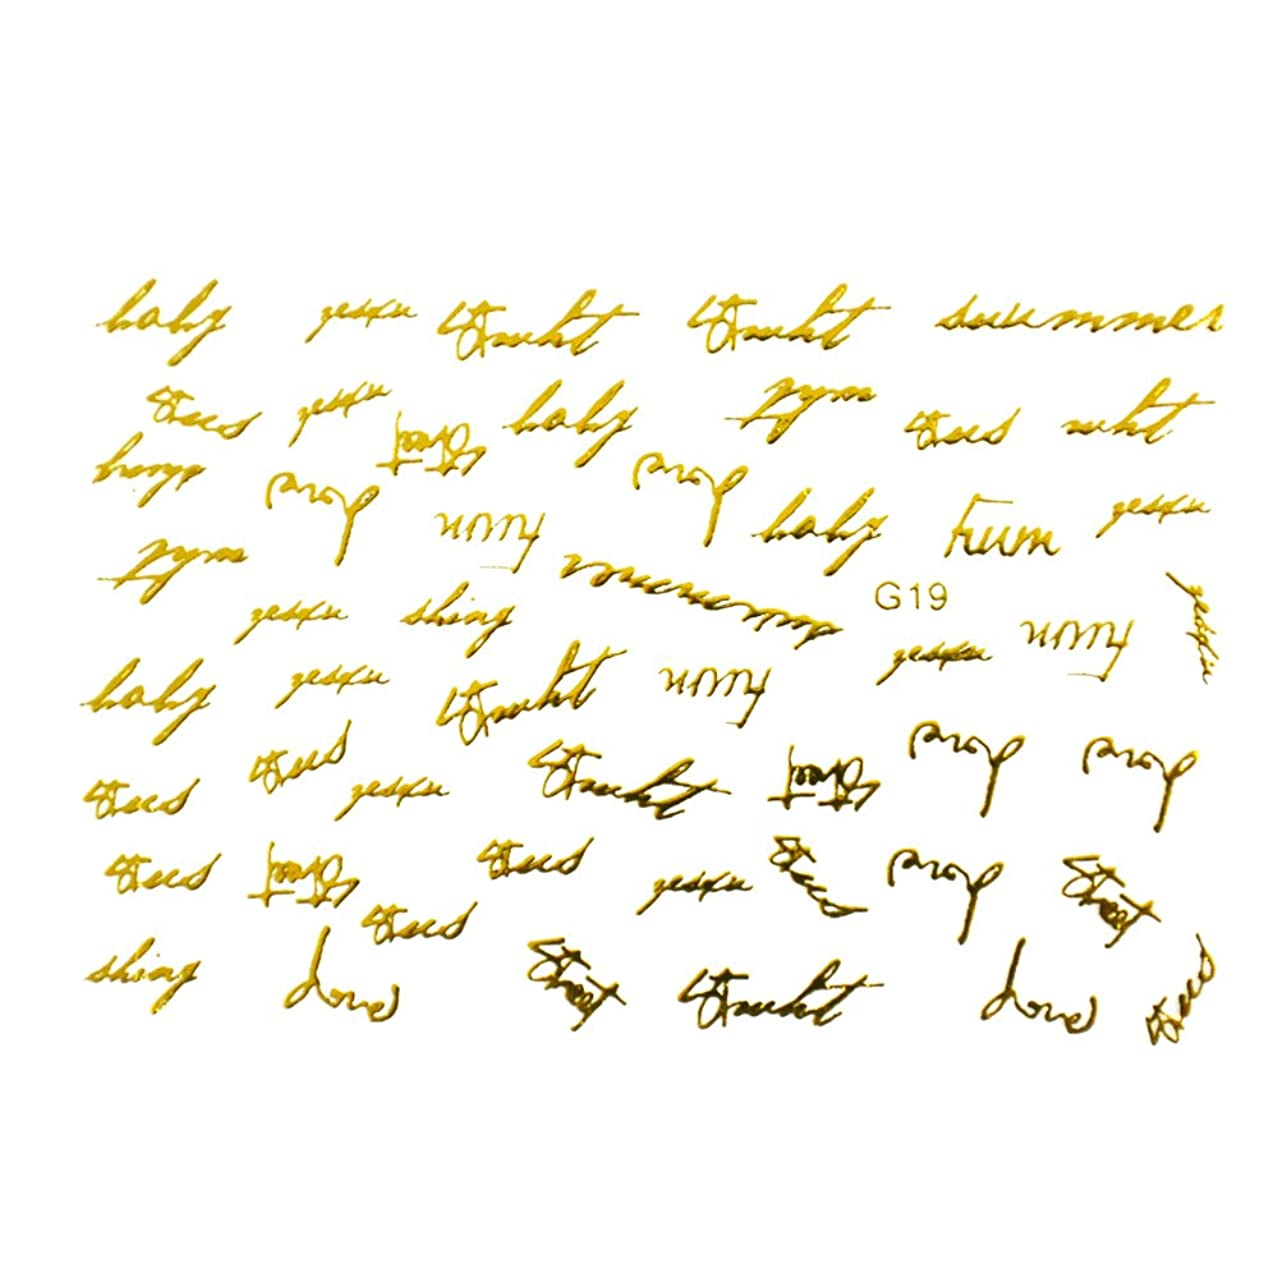 習字落ち着く切り刻むネイルシール カーシヴメッセージシール 【G19】ゴールド ジェルネイル